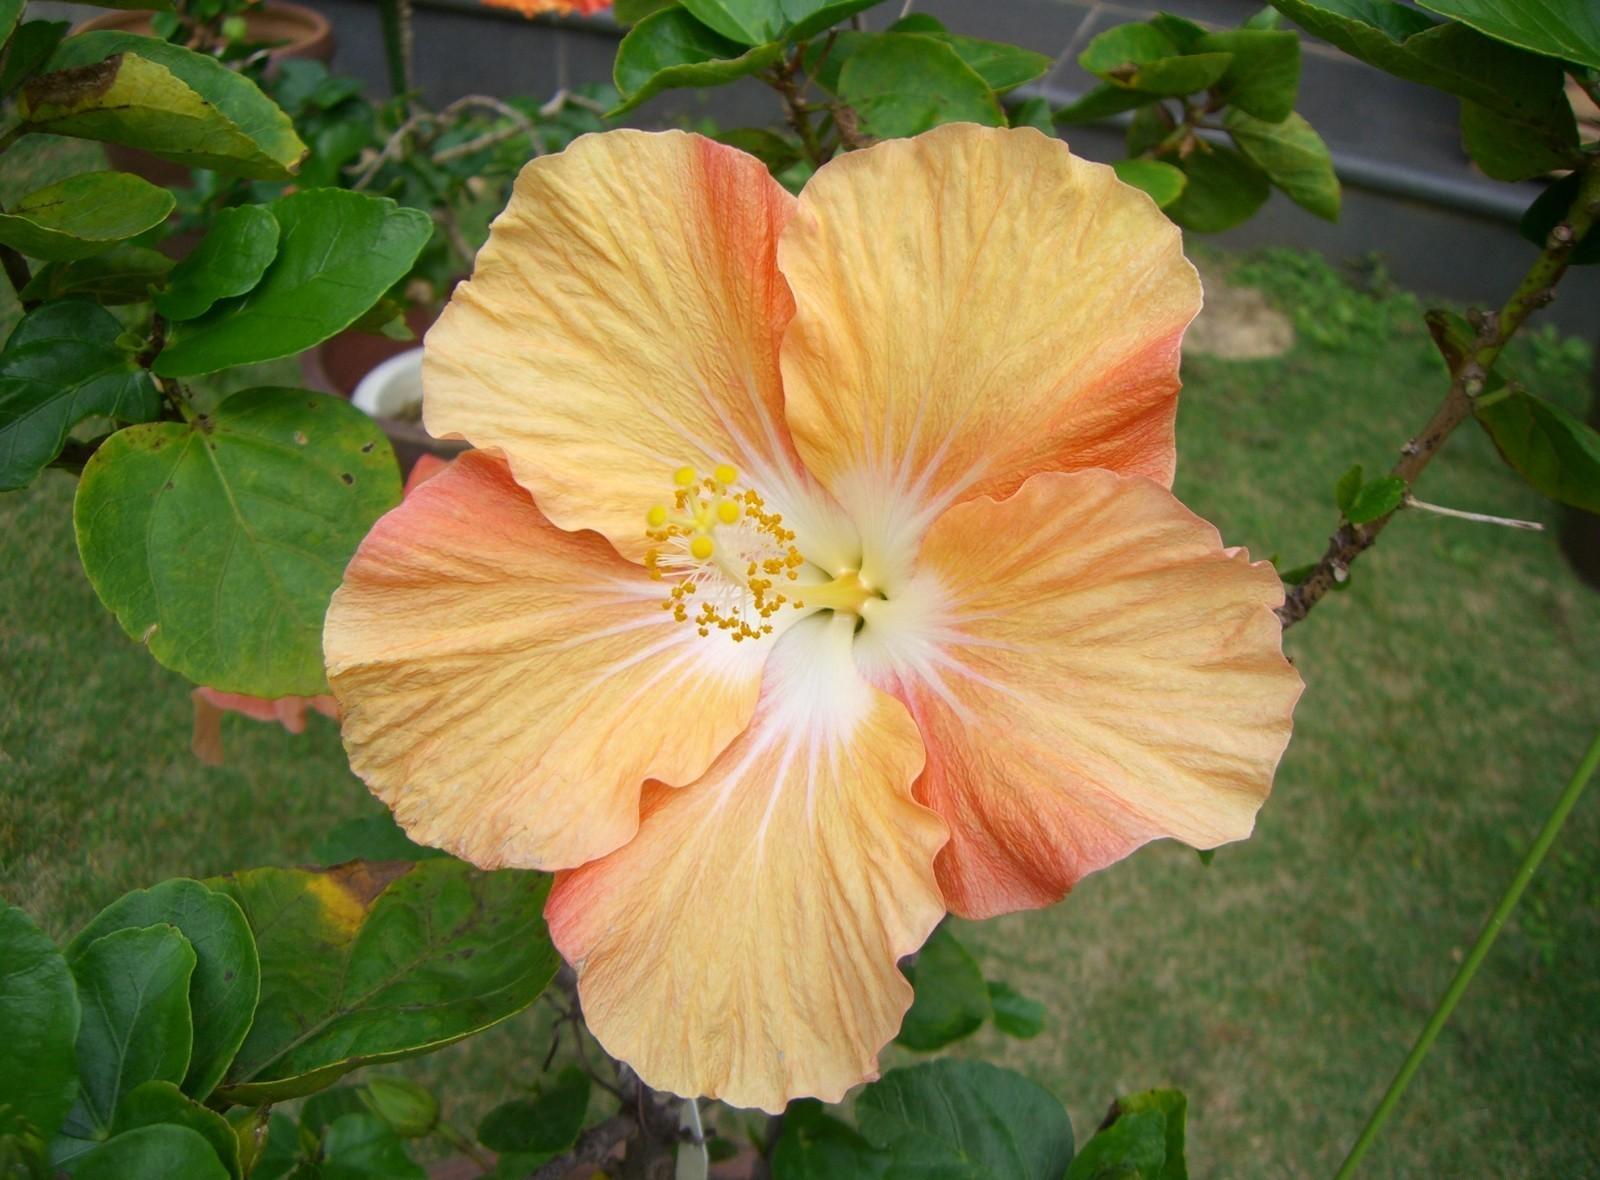 90793 скачать обои Цветы, Гибискус, Цветение, Двухцветный, Ветка, Листья - заставки и картинки бесплатно